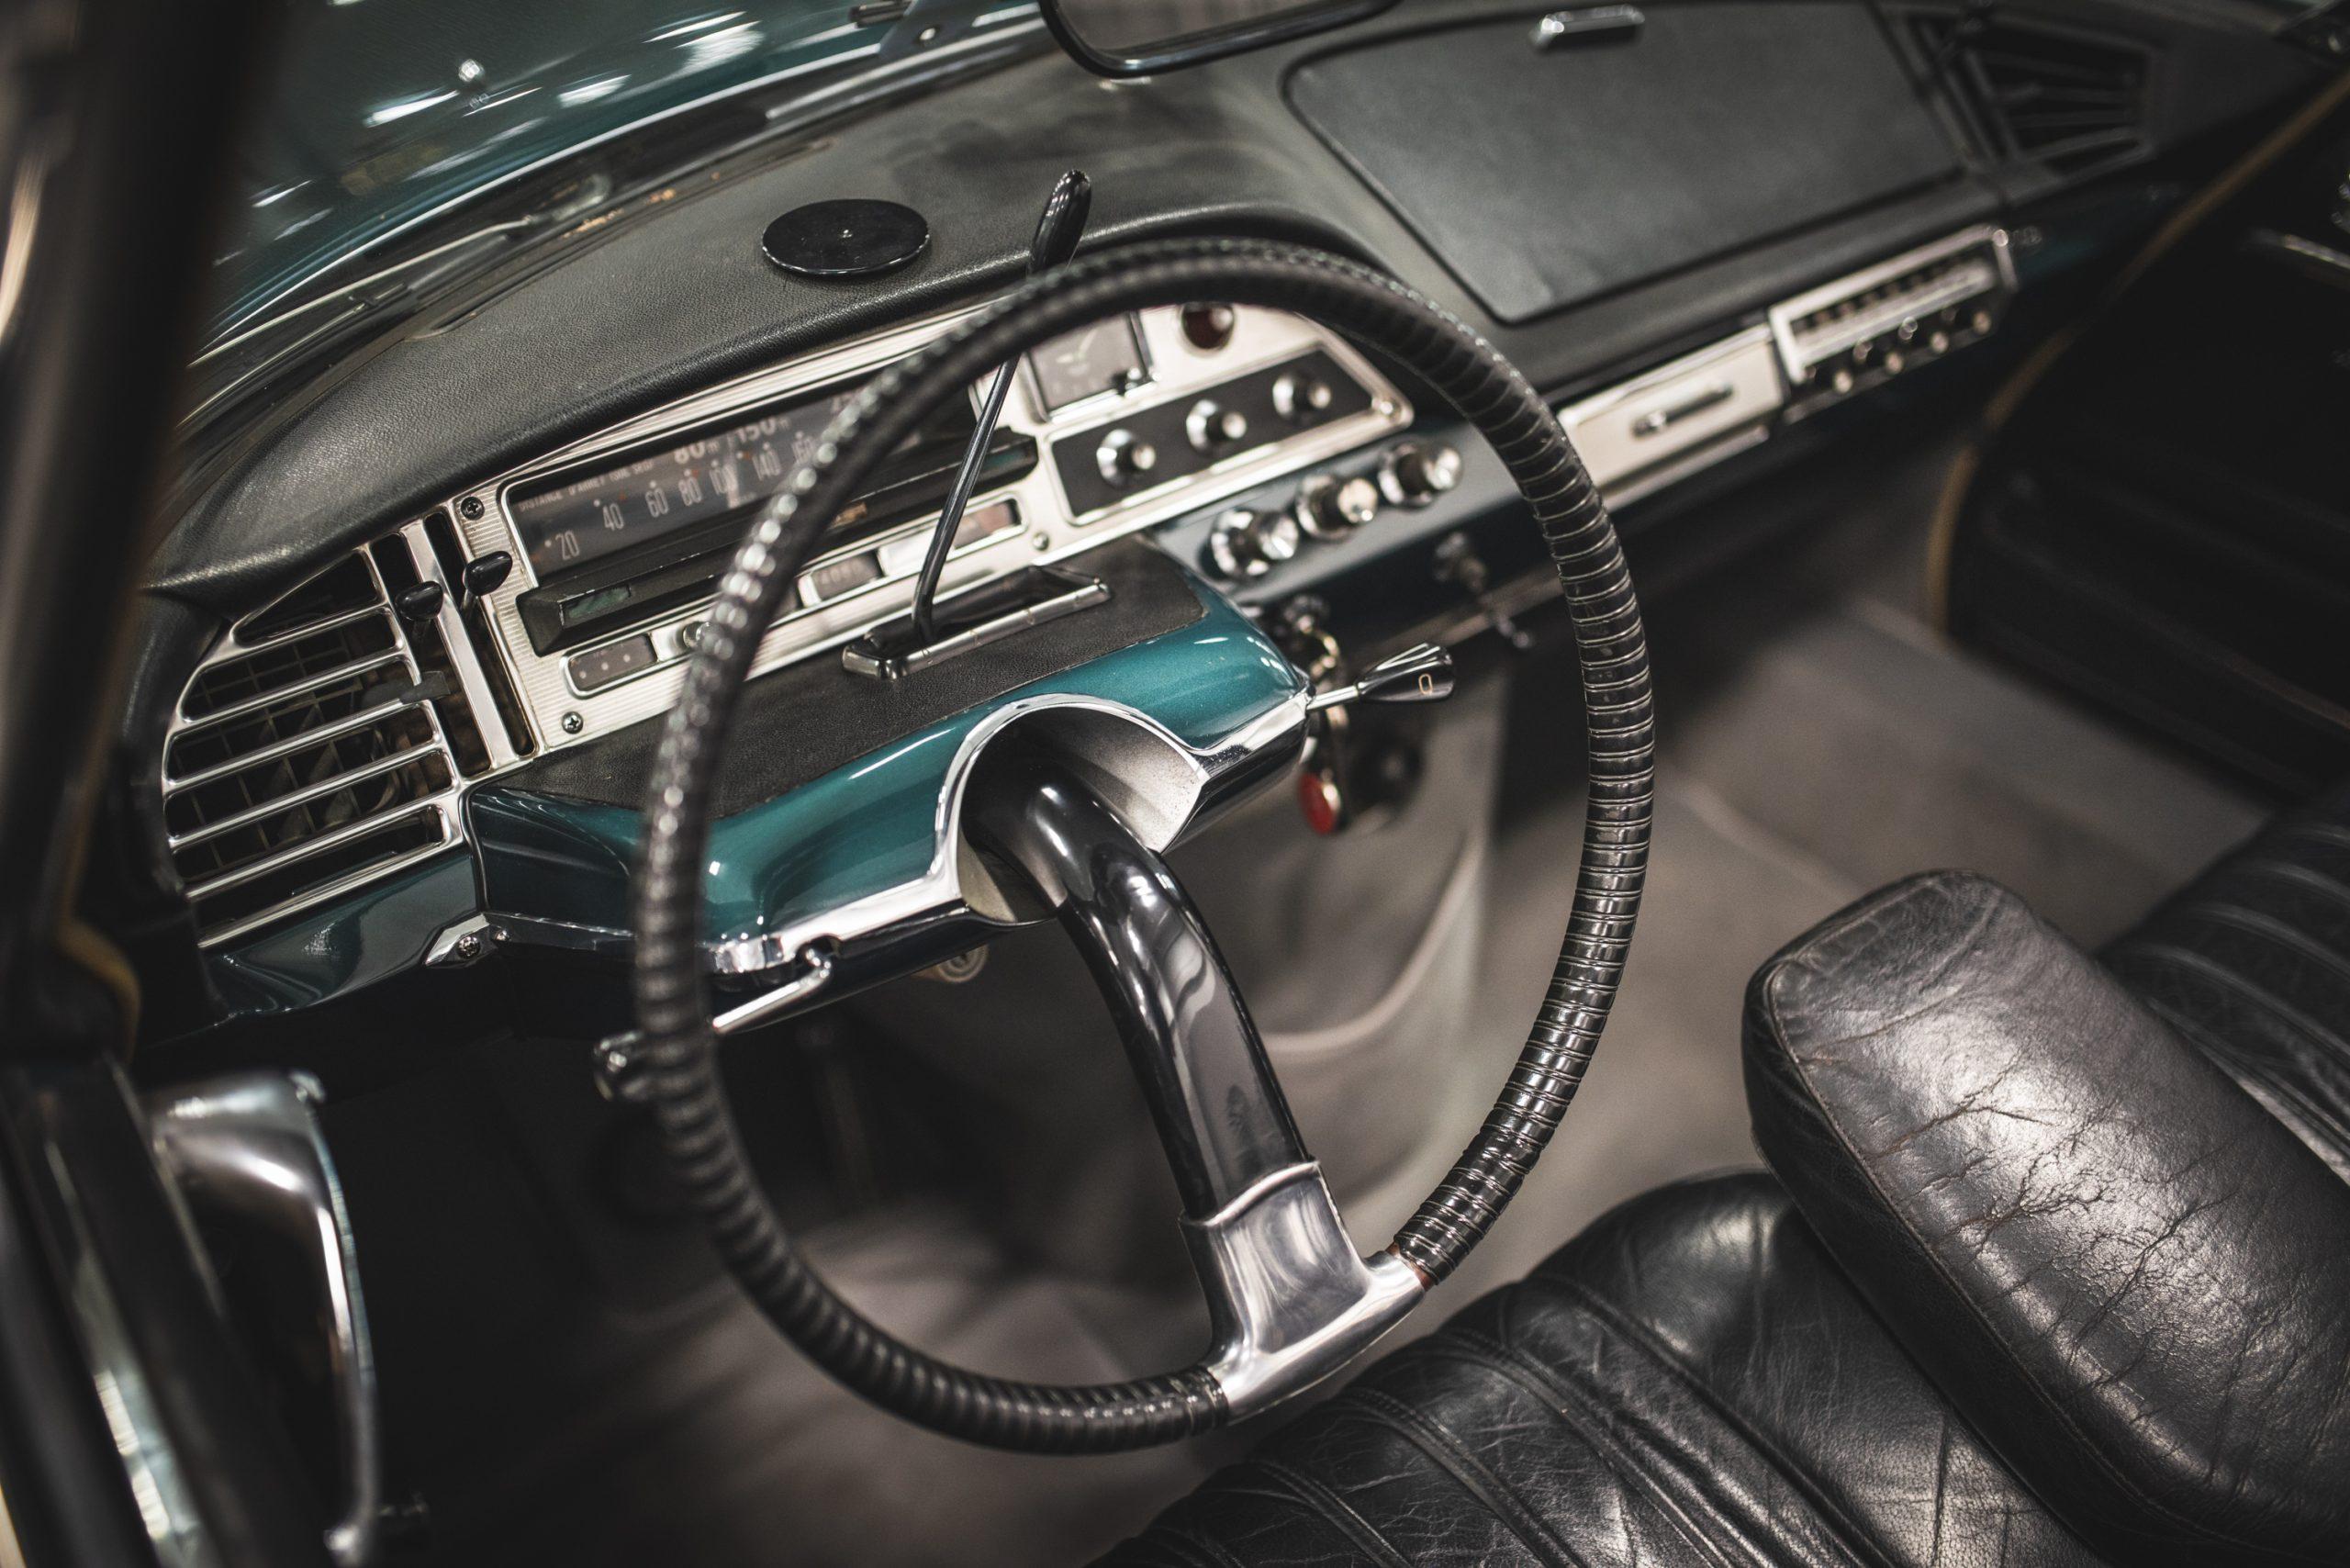 citroen interior steering wheel